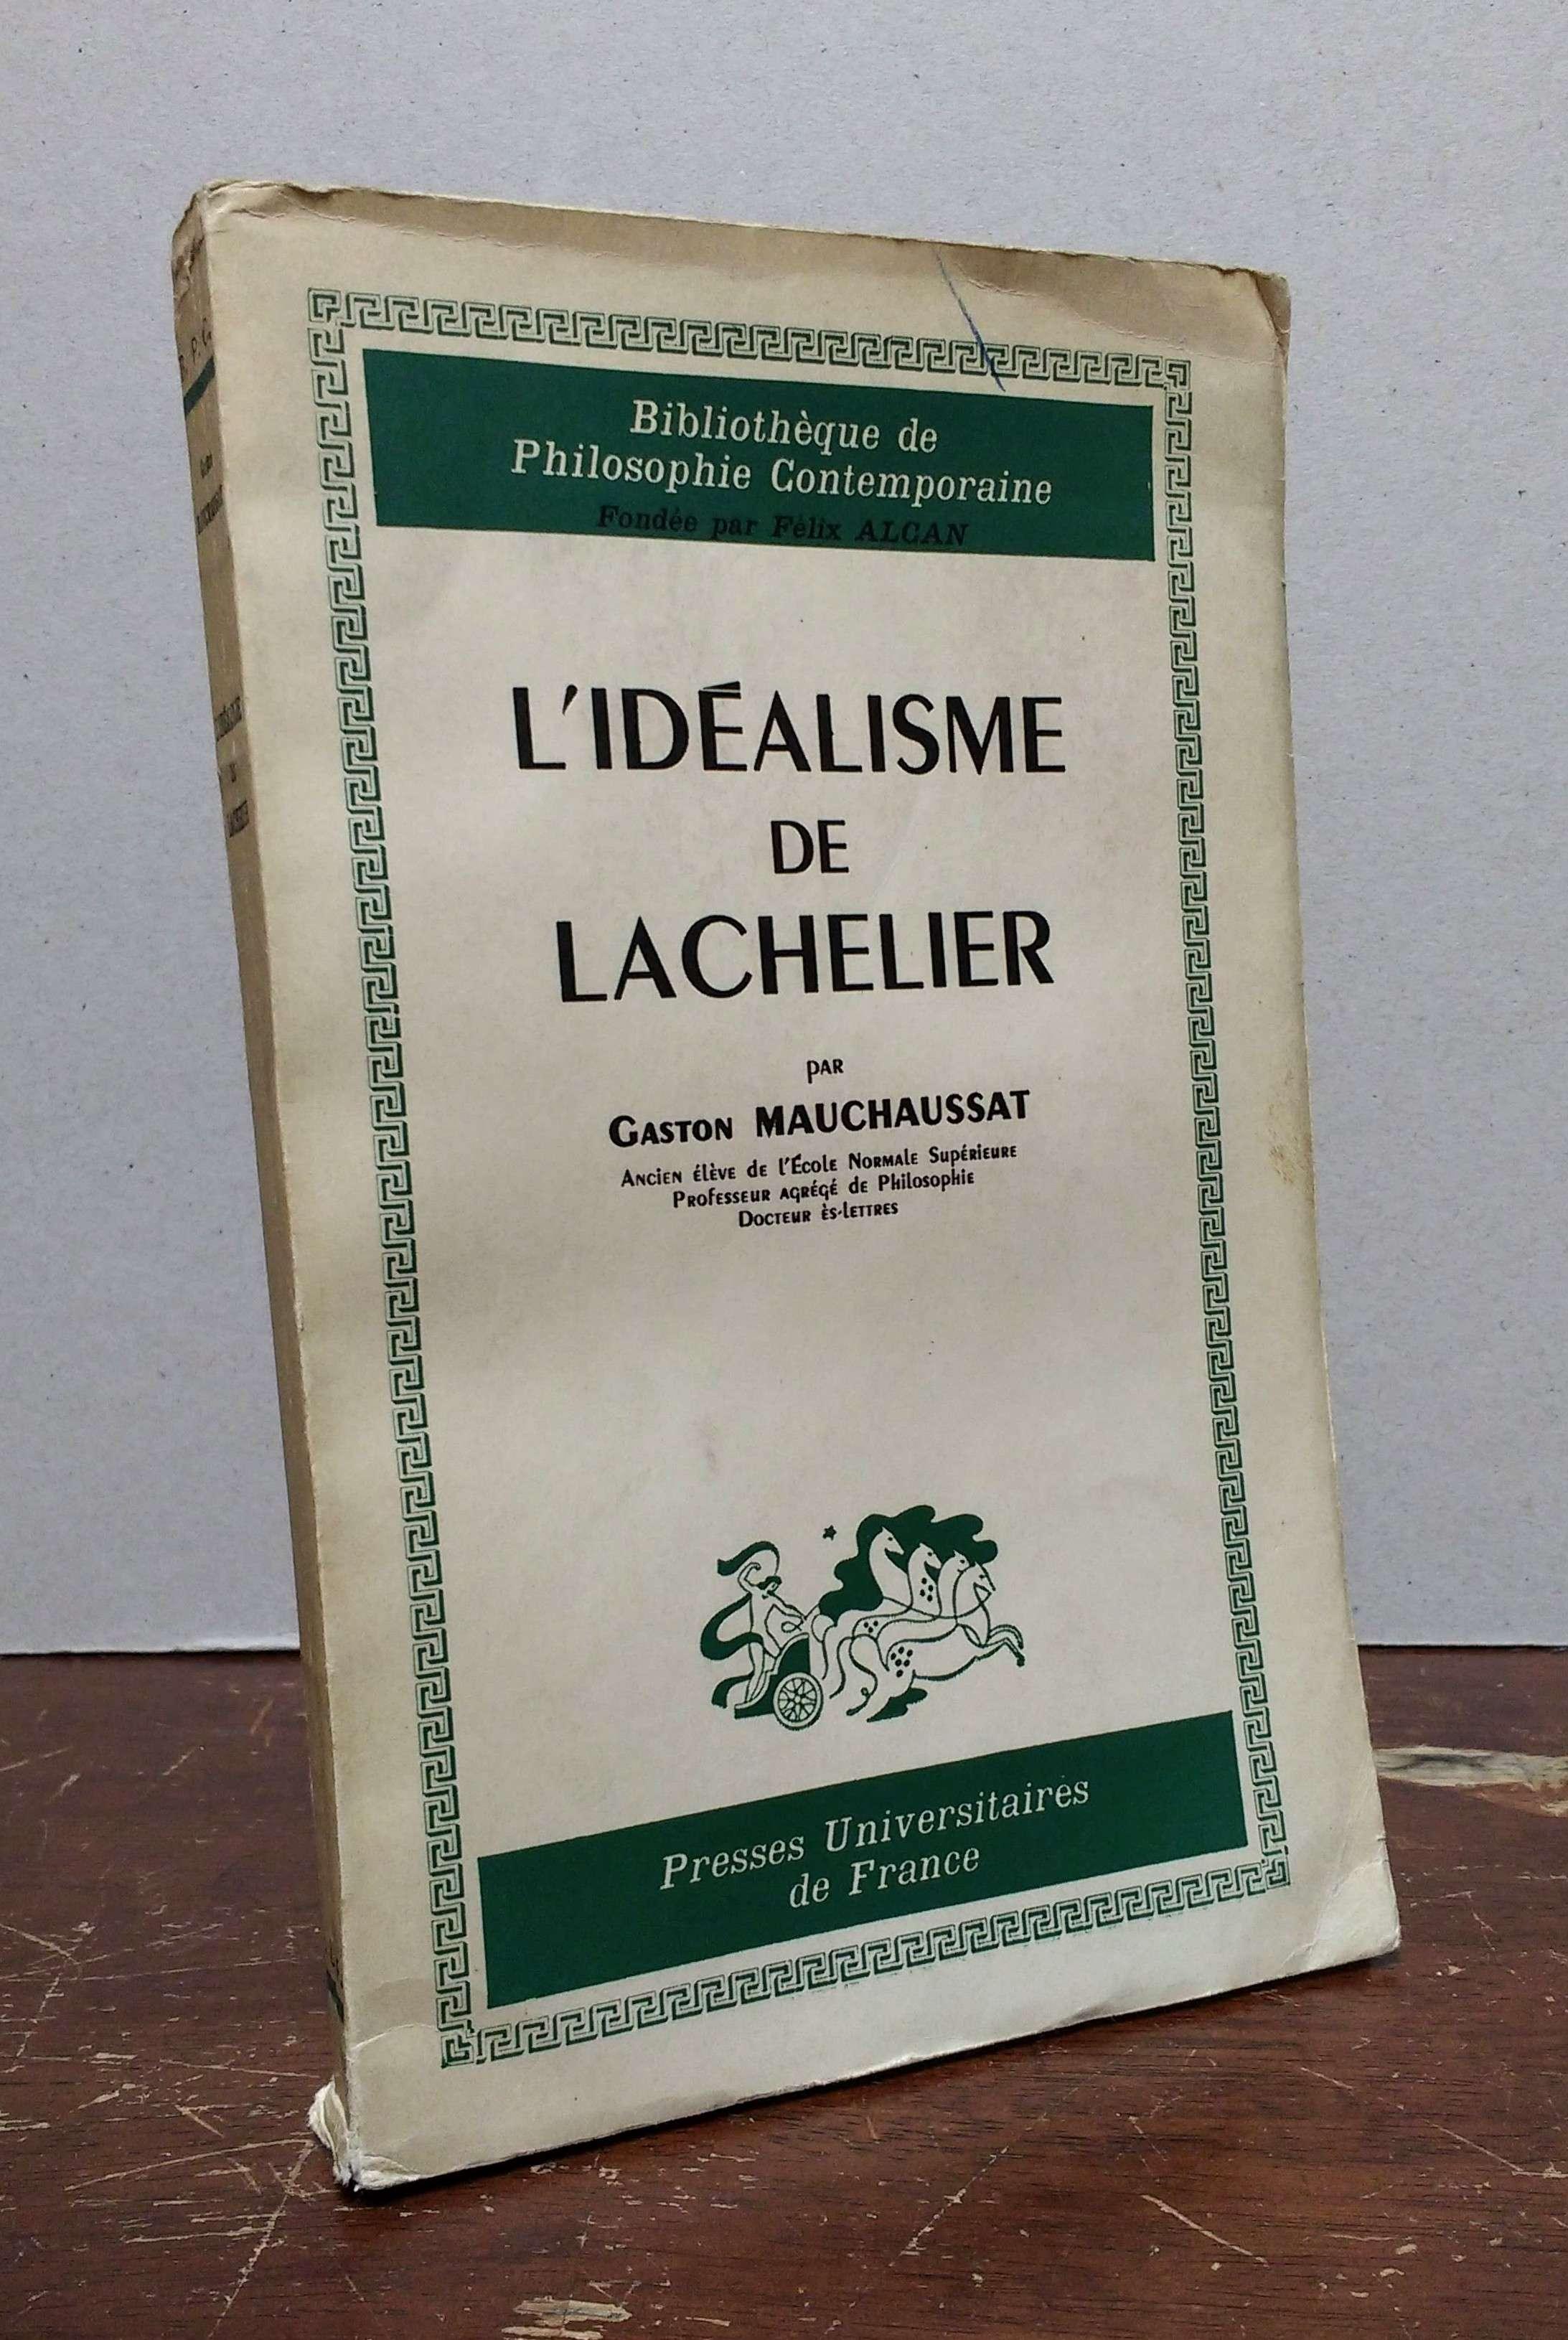 L'idéalisme de Lachelier, Mauchaussat Gaston